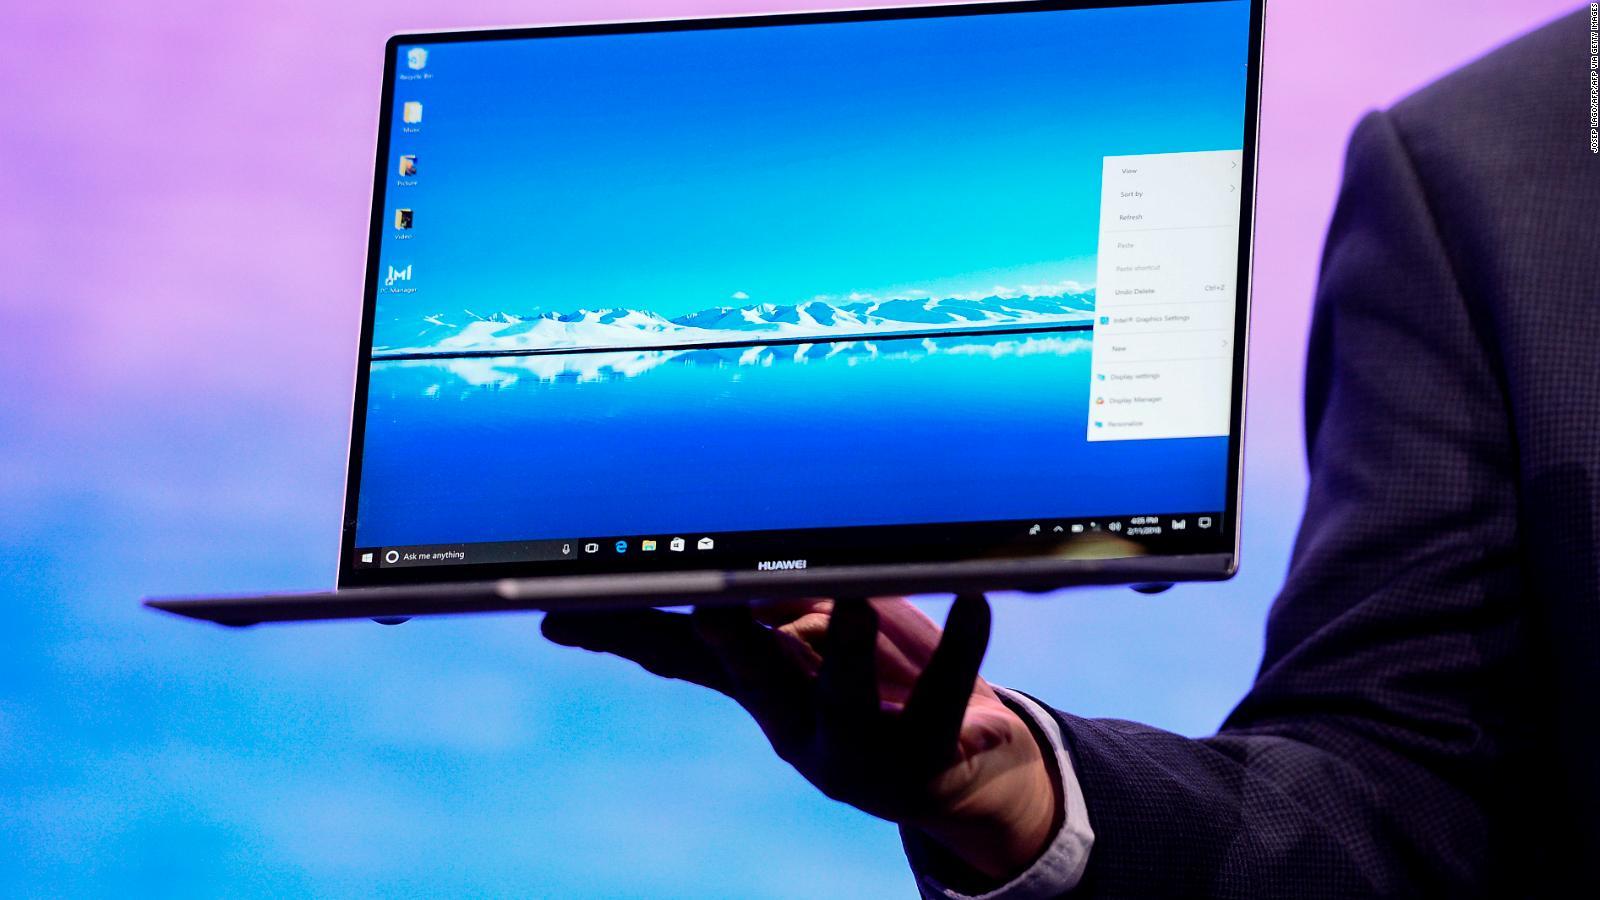 Quieres una nueva computadora portátil? Estas son las 5 mejores para  comprar en 2020 | Video | CNN